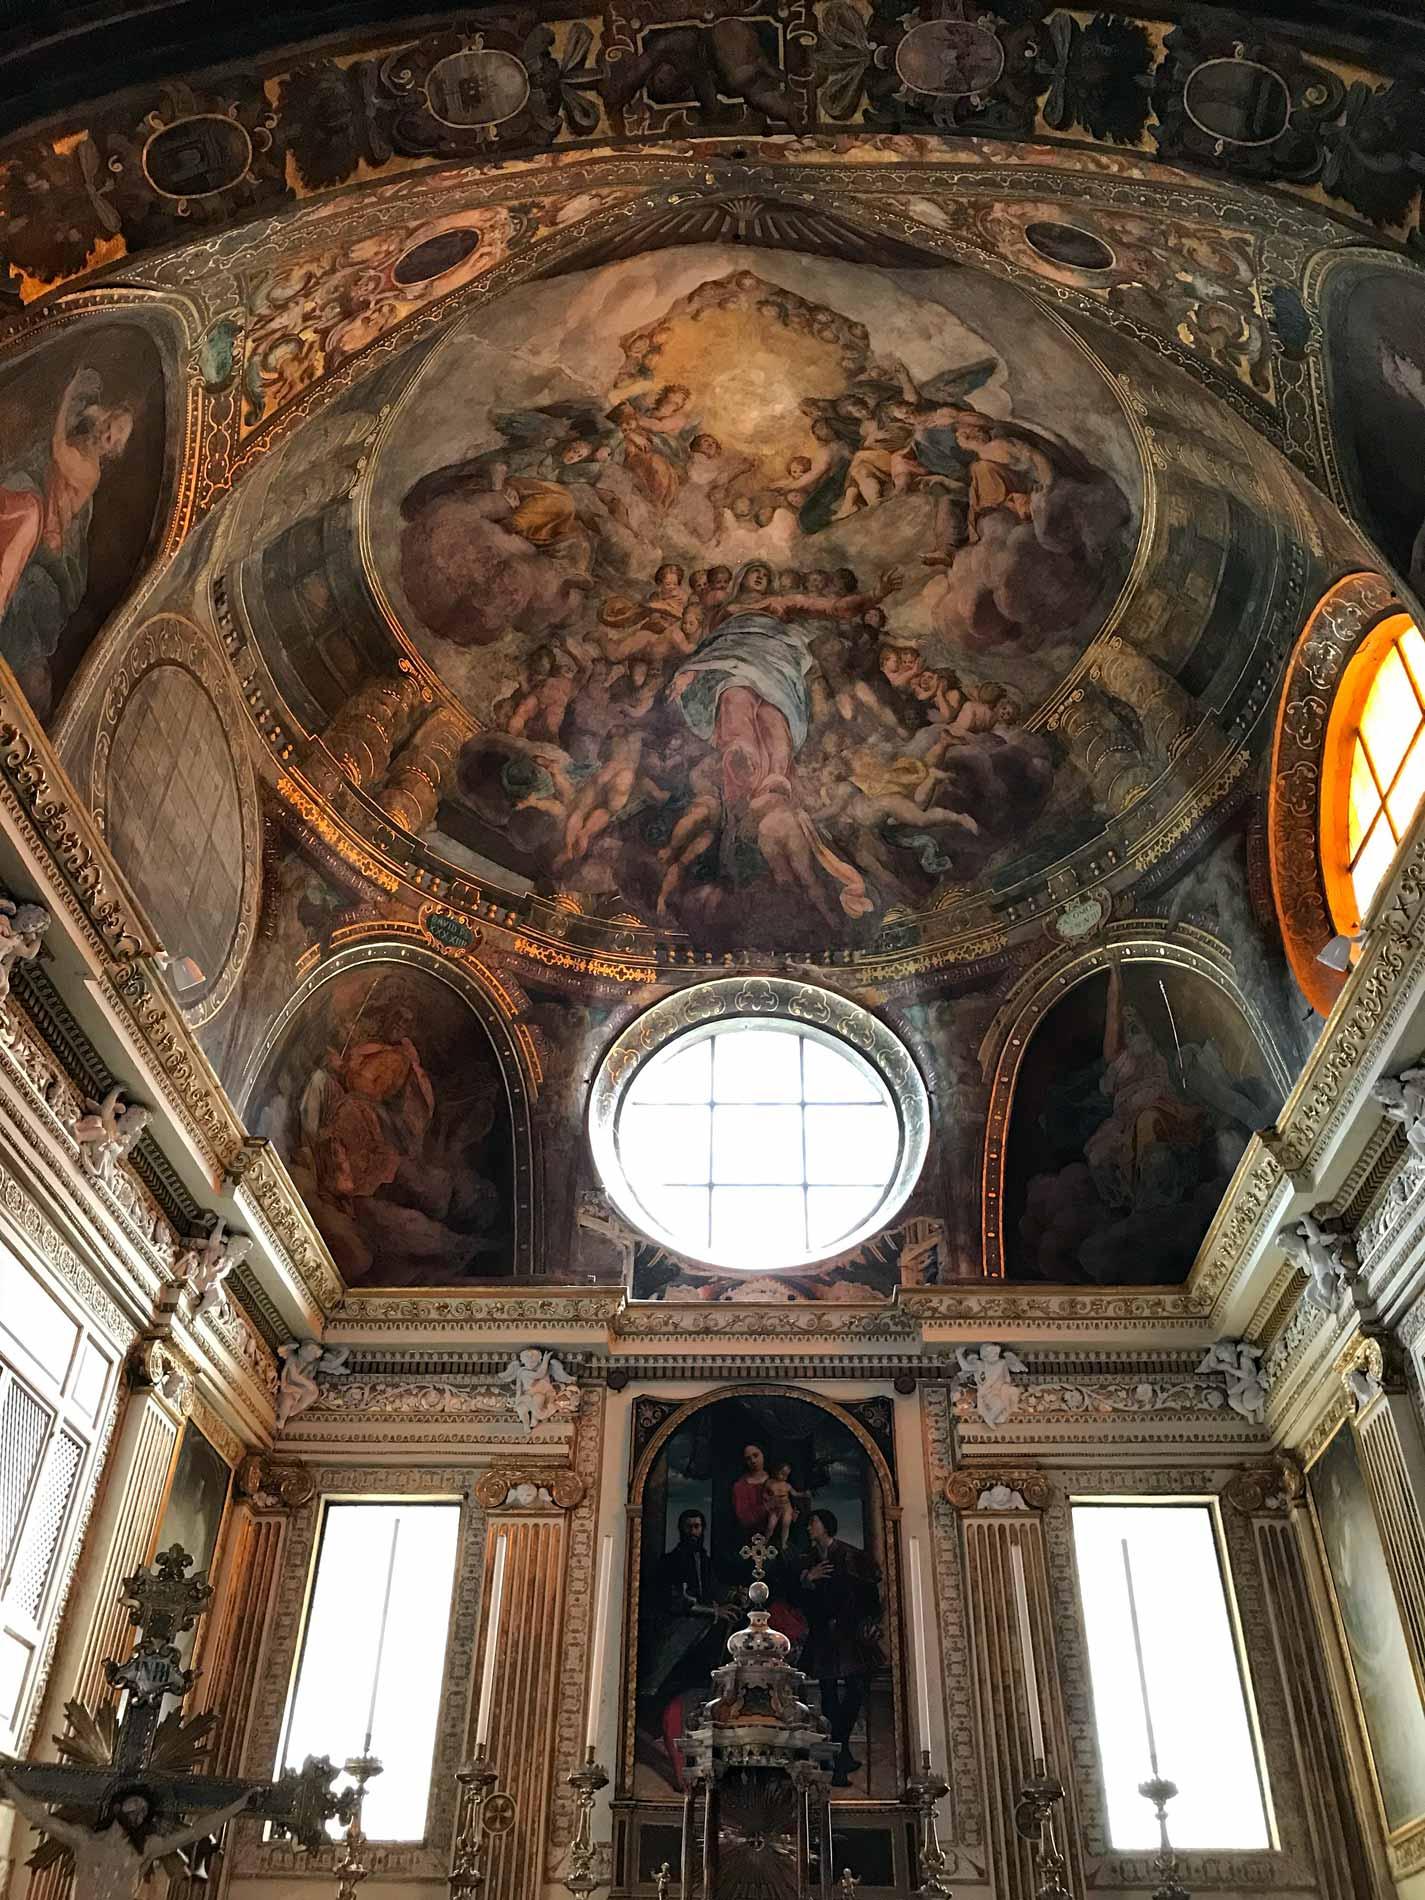 Chiesa-di-SantAbbondio-Cremona-cupola-affrescata-manierismo-Assunzione-della-Vergine-Giulio-Campi